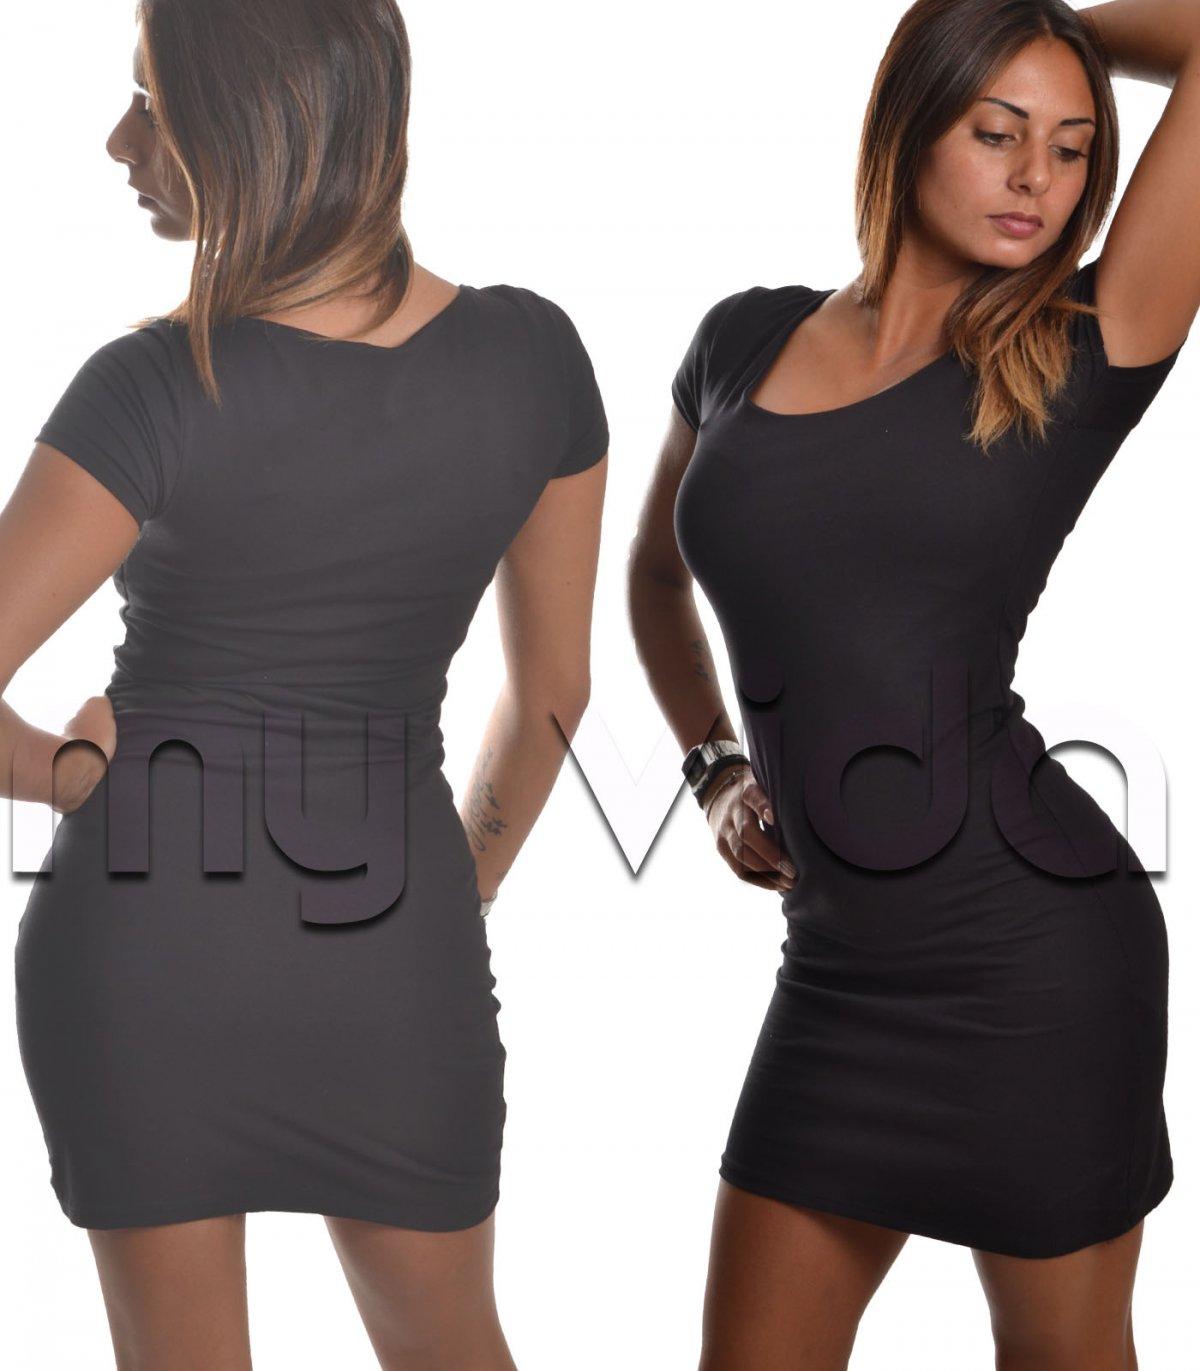 new product 77b84 05d4a Miniabito tubino donna | My Vida